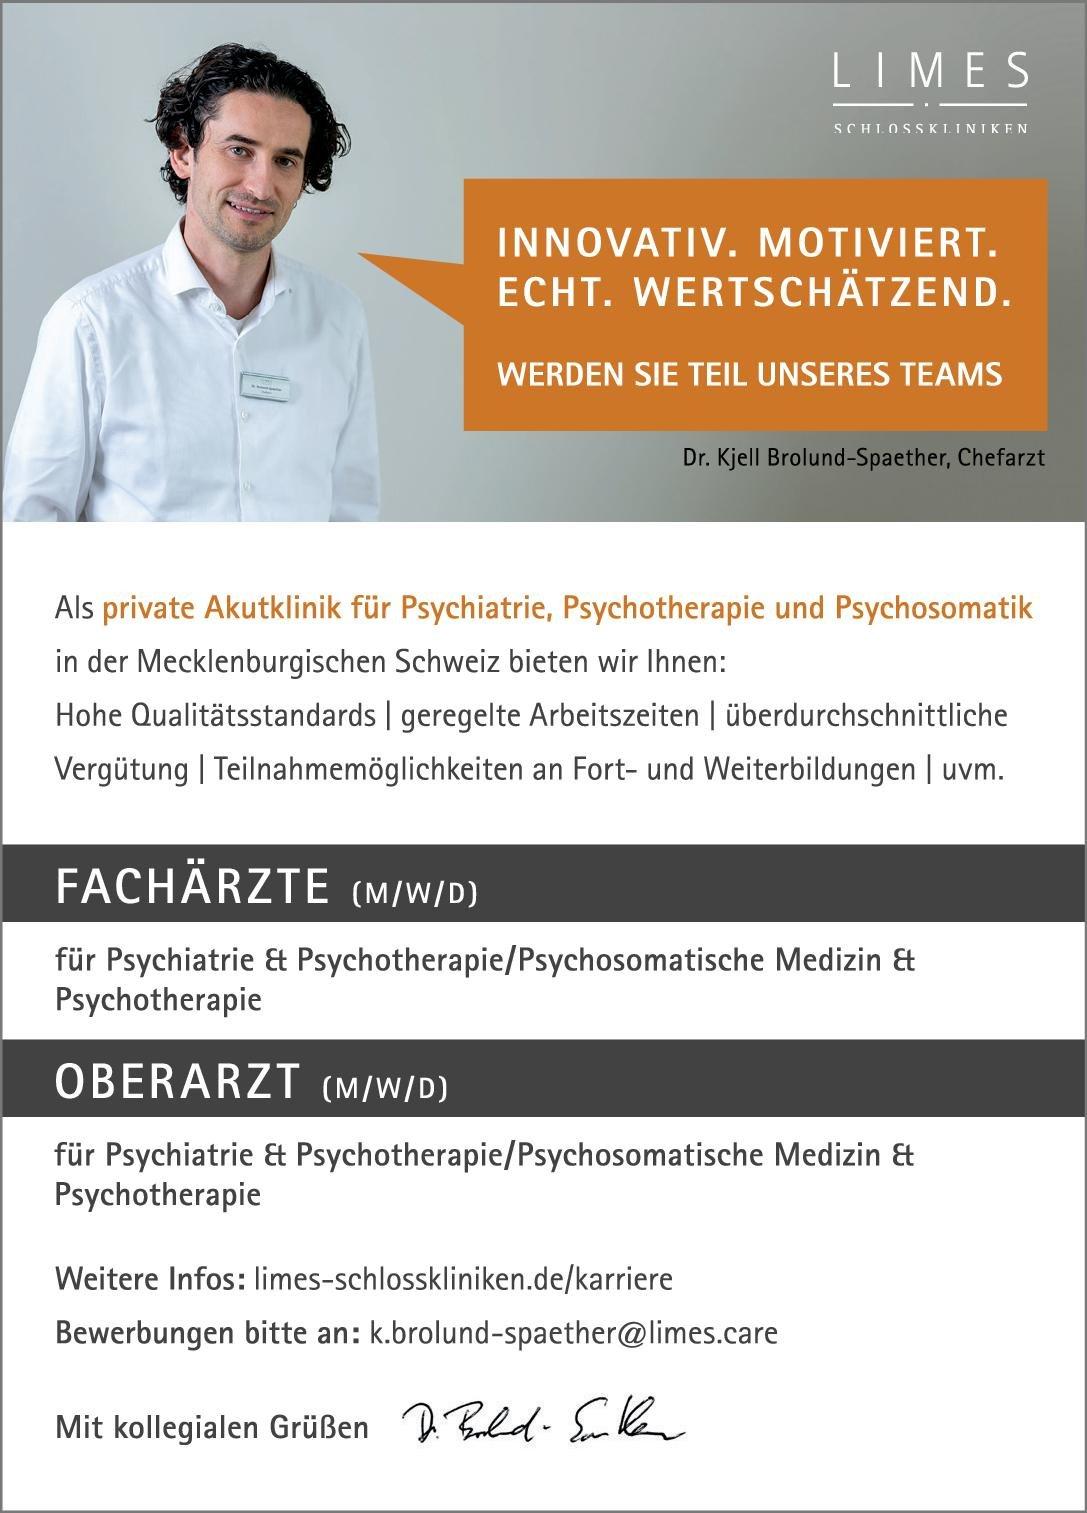 Limes Schlossklinik Rostocker Land Oberärzte (m/w/d) für Psychiatrie & Psychotherapie/Psychosomatische Medizin & Psychotherapie  Psychiatrie und Psychotherapie, Psychiatrie und Psychotherapie, Psychosomatische Medizin und Psychotherapie Oberarzt